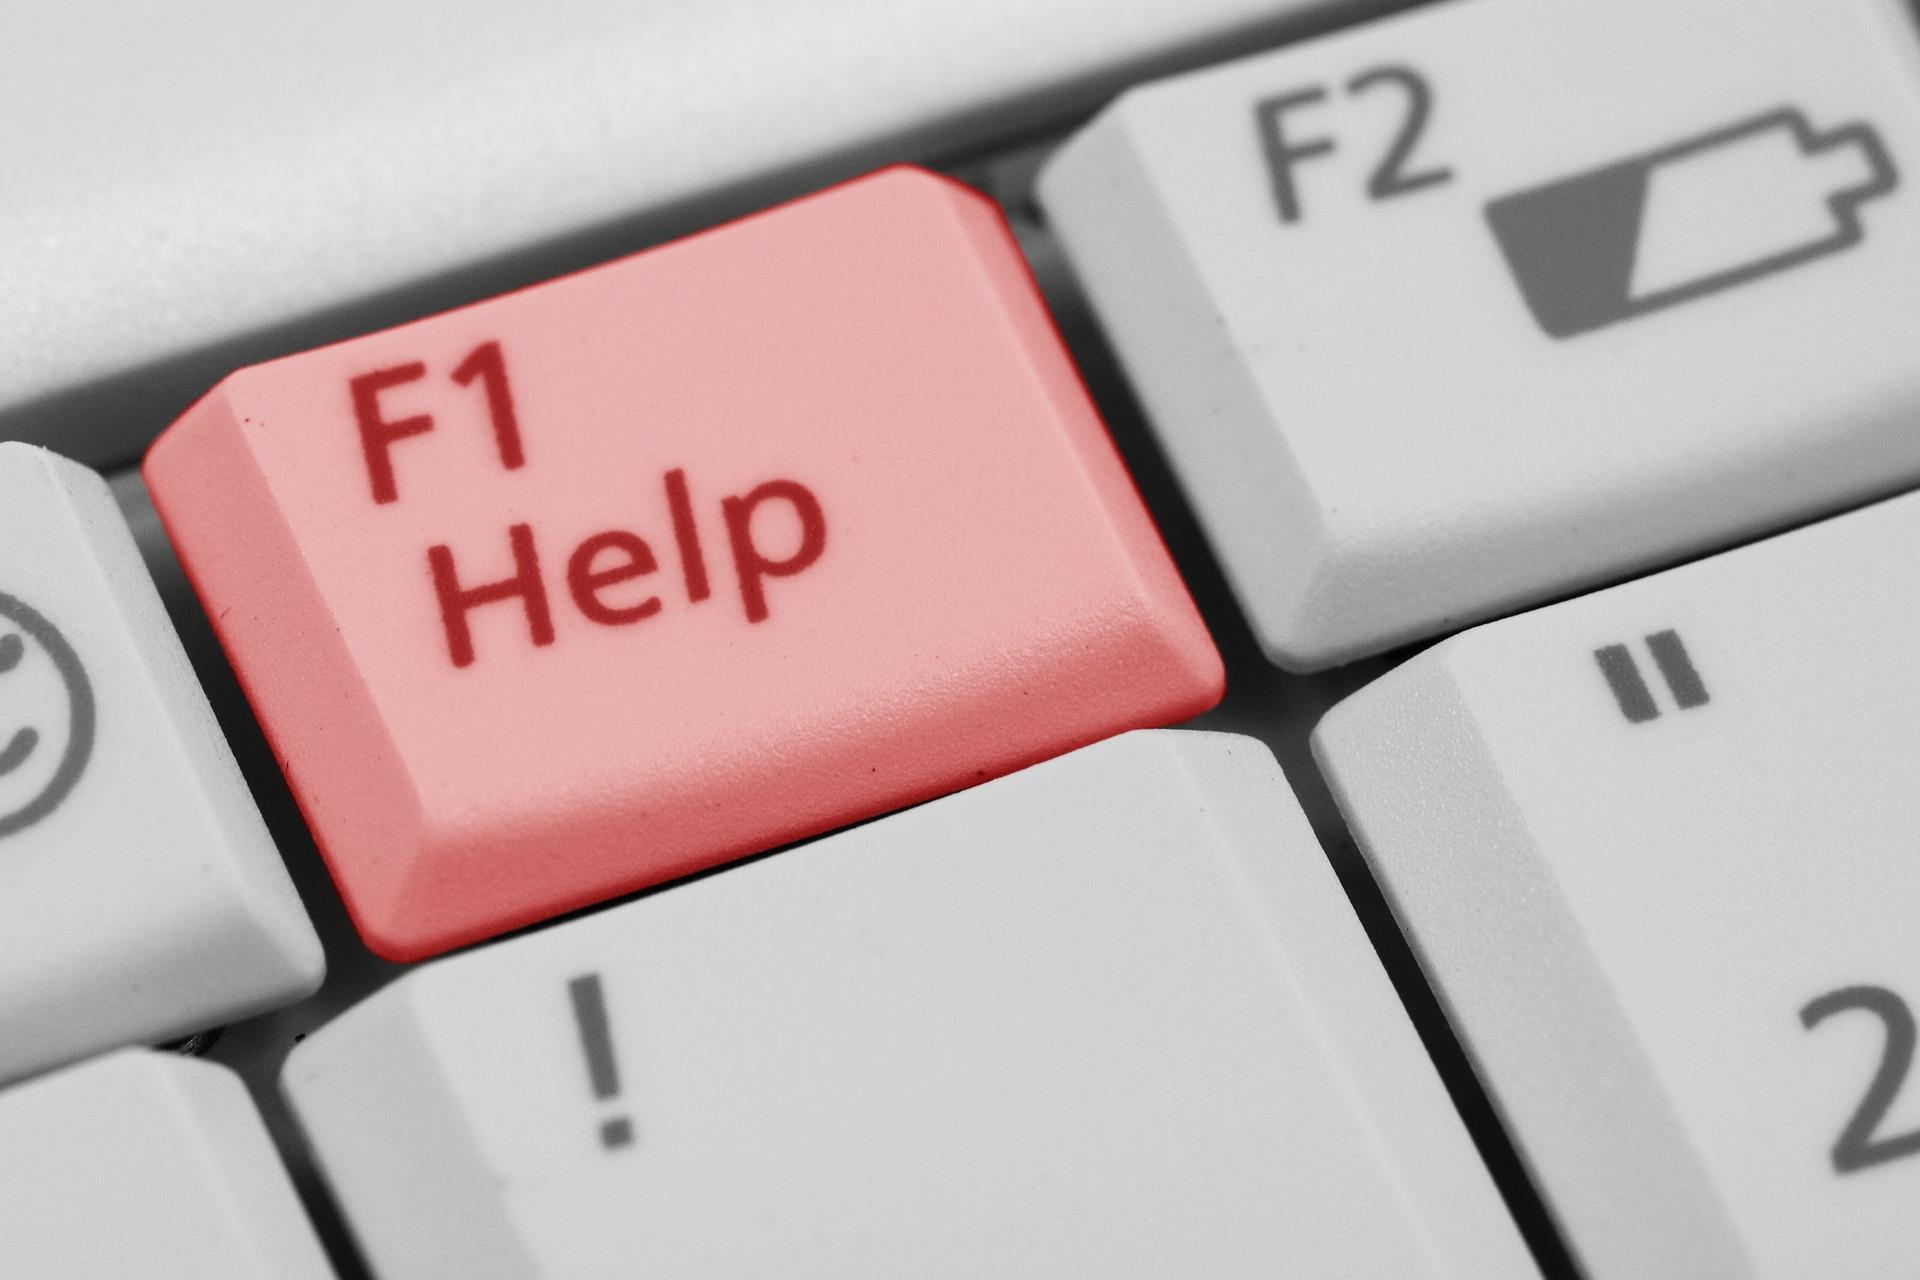 Fonction des touches F1 à F12 d'un clavier d'ordinateur